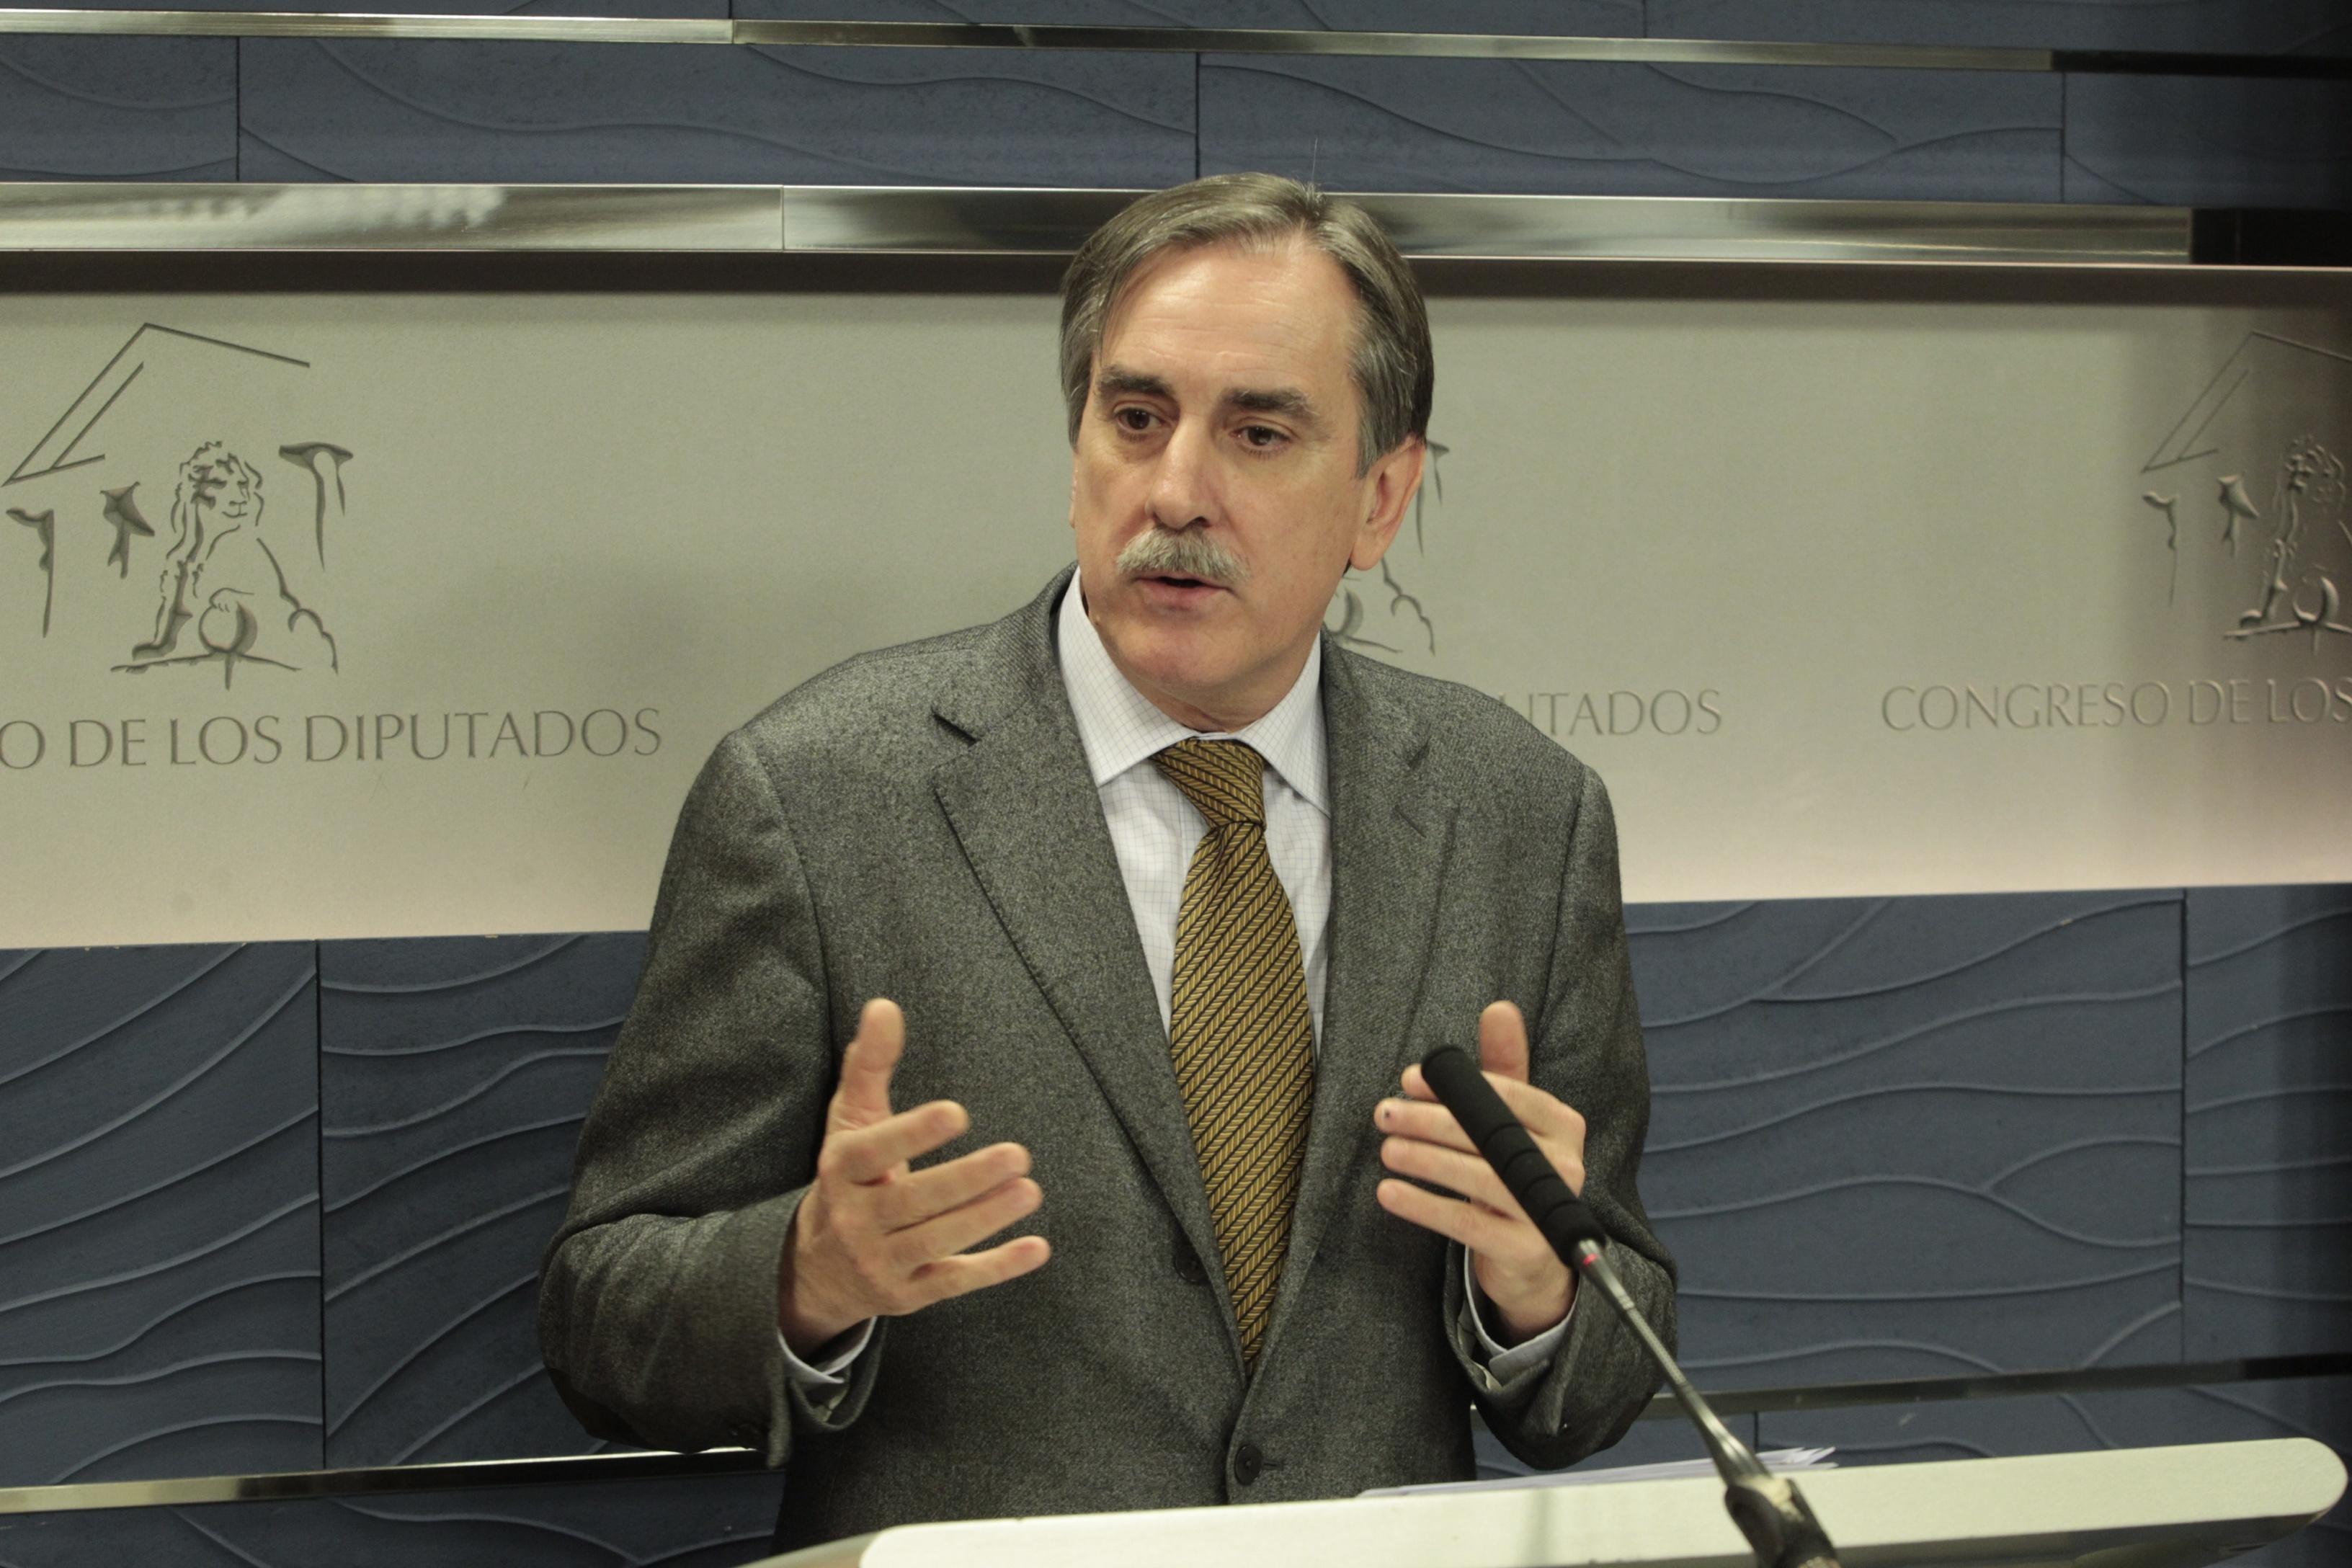 El PSOE exige la destitución de Montoro por sembrar sospechas sobre la oposición y «reírse» de la gente